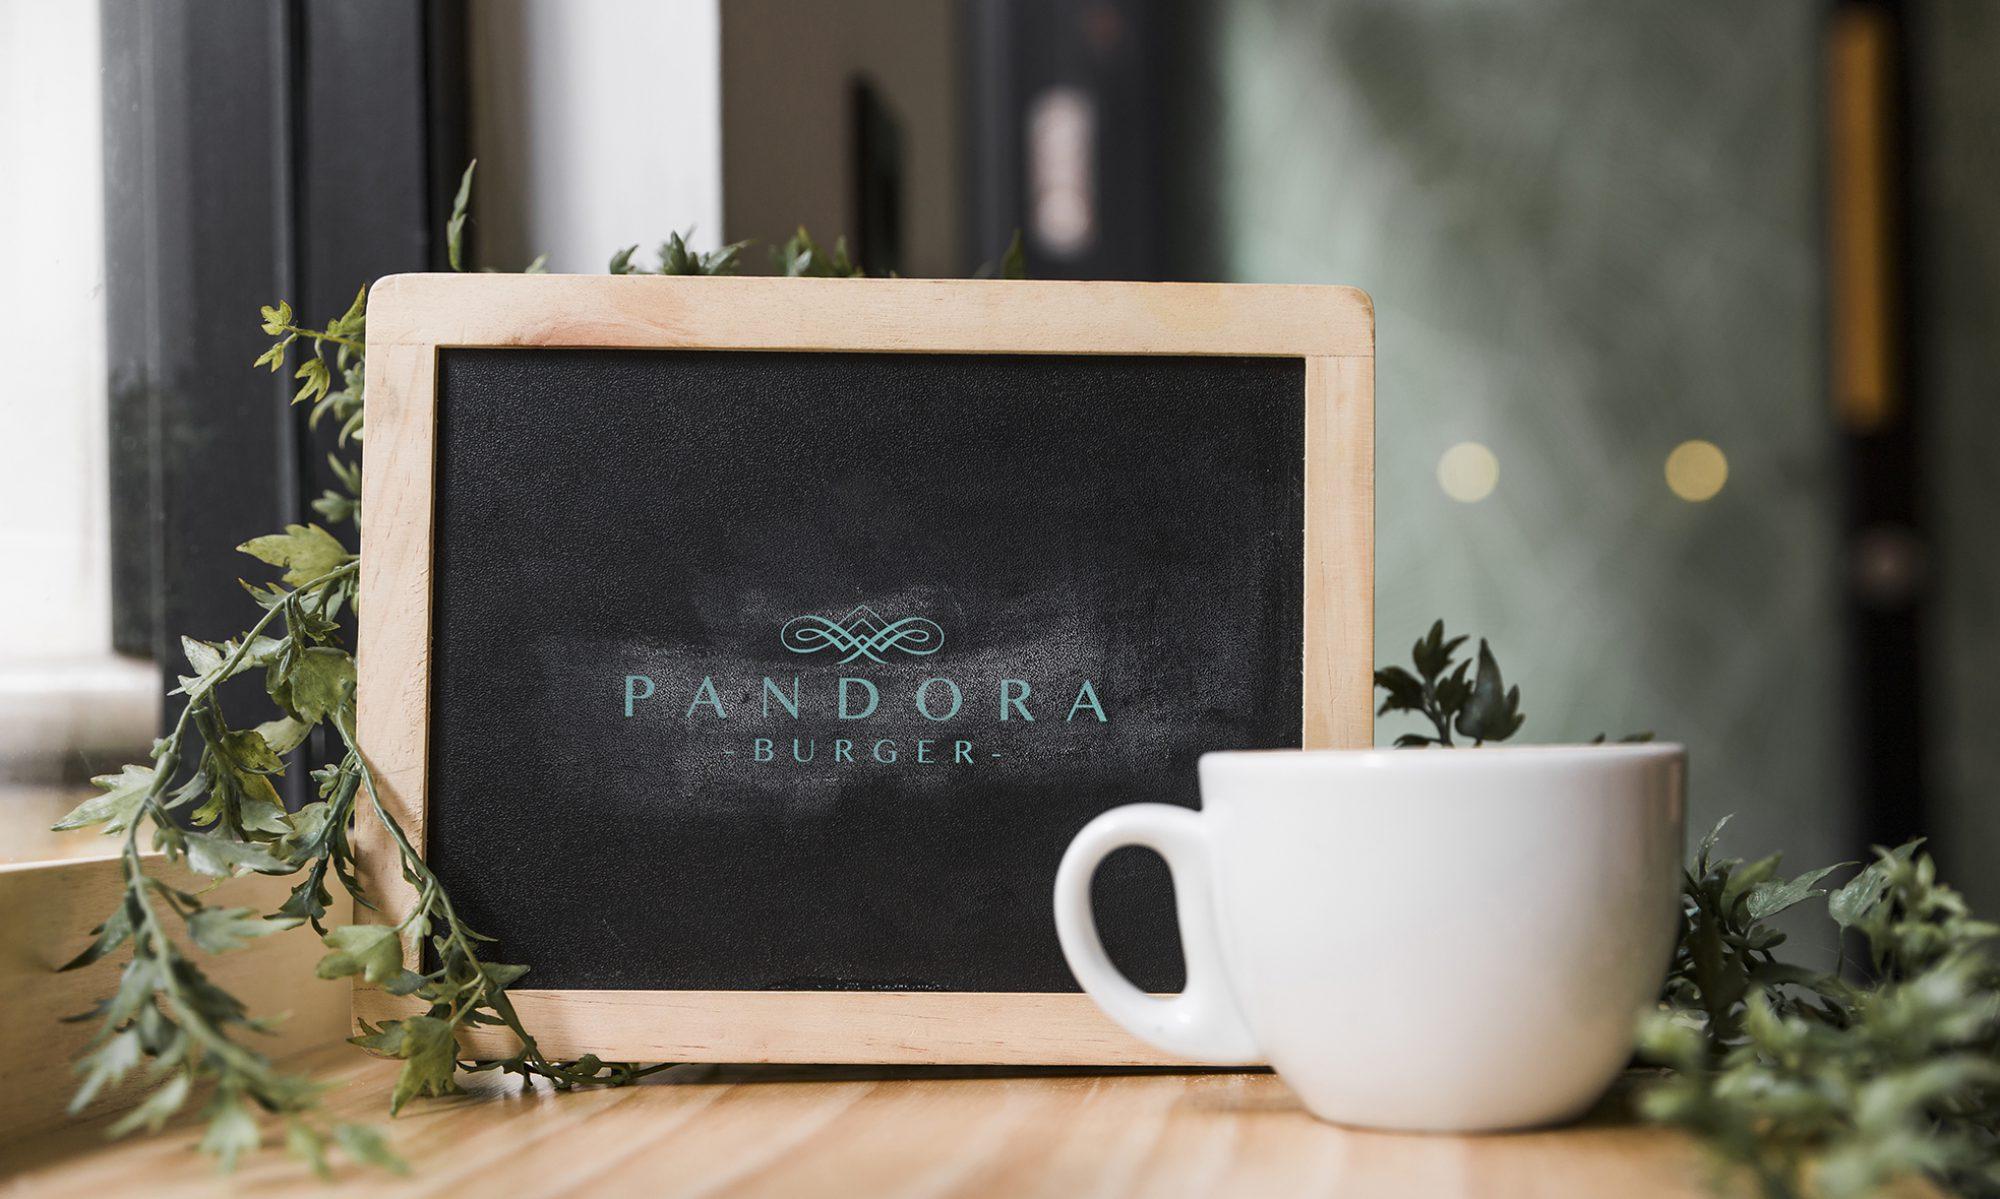 PANDORA BURGER